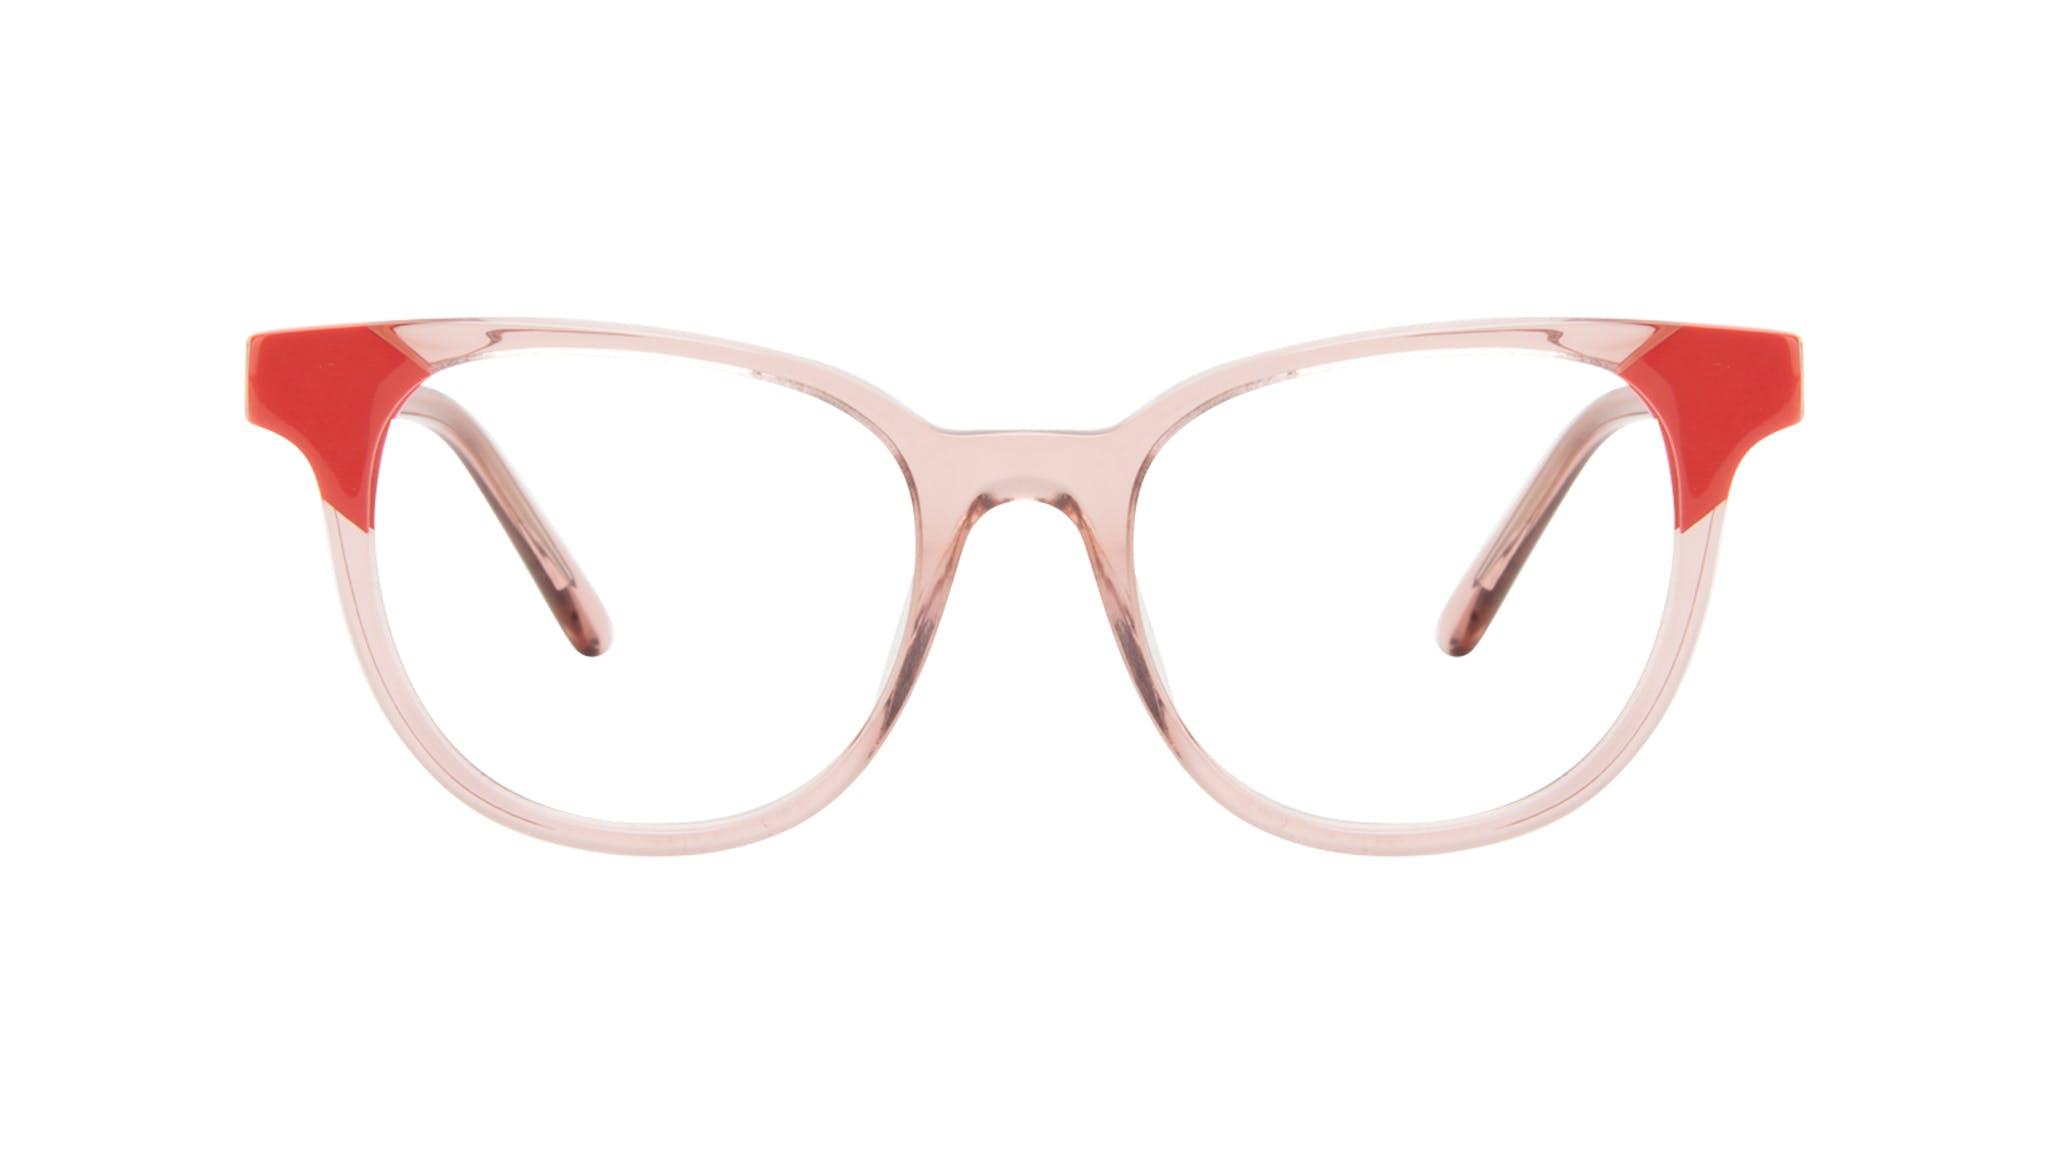 Lunettes tendance Carrée Lunettes de vue Femmes Lively Pink Coral Face